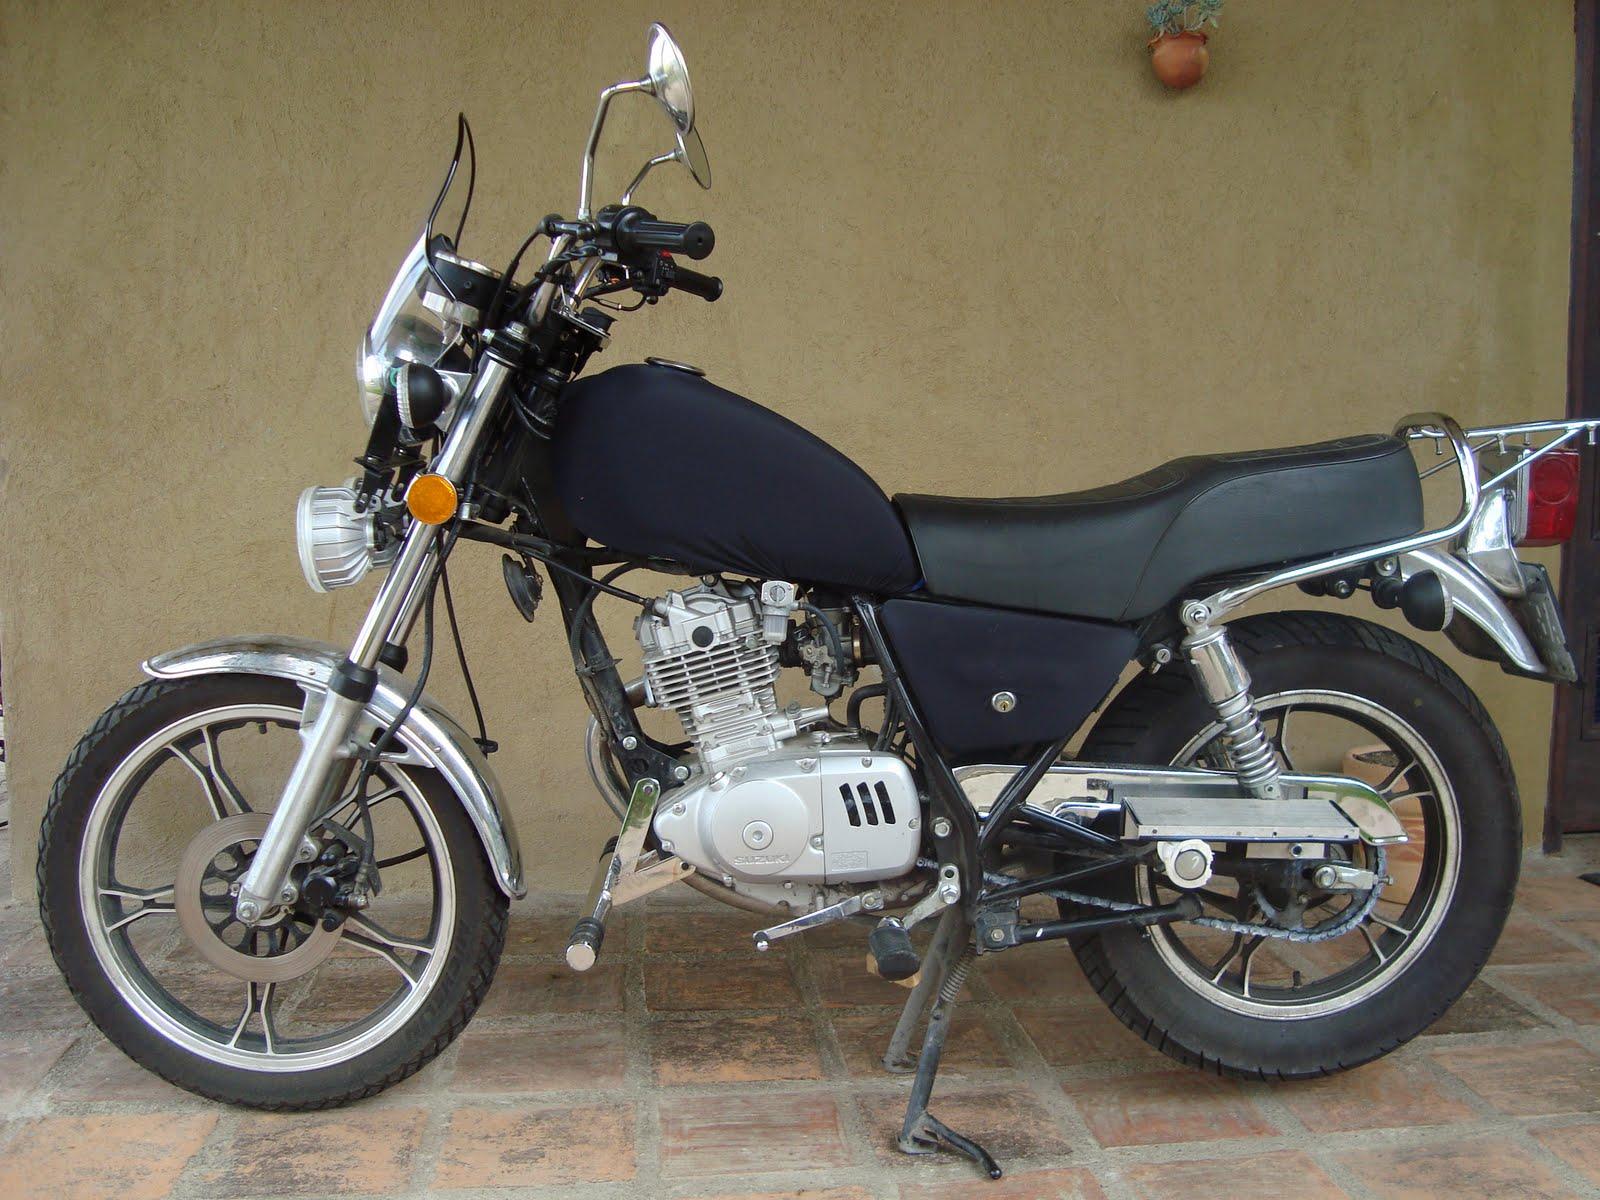 artand en dos ruedas viaje desde venezuela hasta ecuador en moto suzuki gn 125. Black Bedroom Furniture Sets. Home Design Ideas